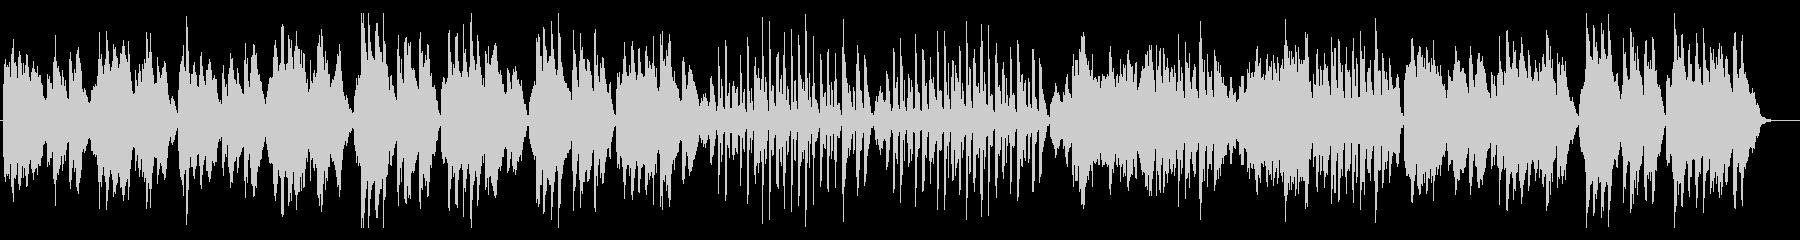 ベートーヴェン/メヌエット/ヴァイオリンの未再生の波形